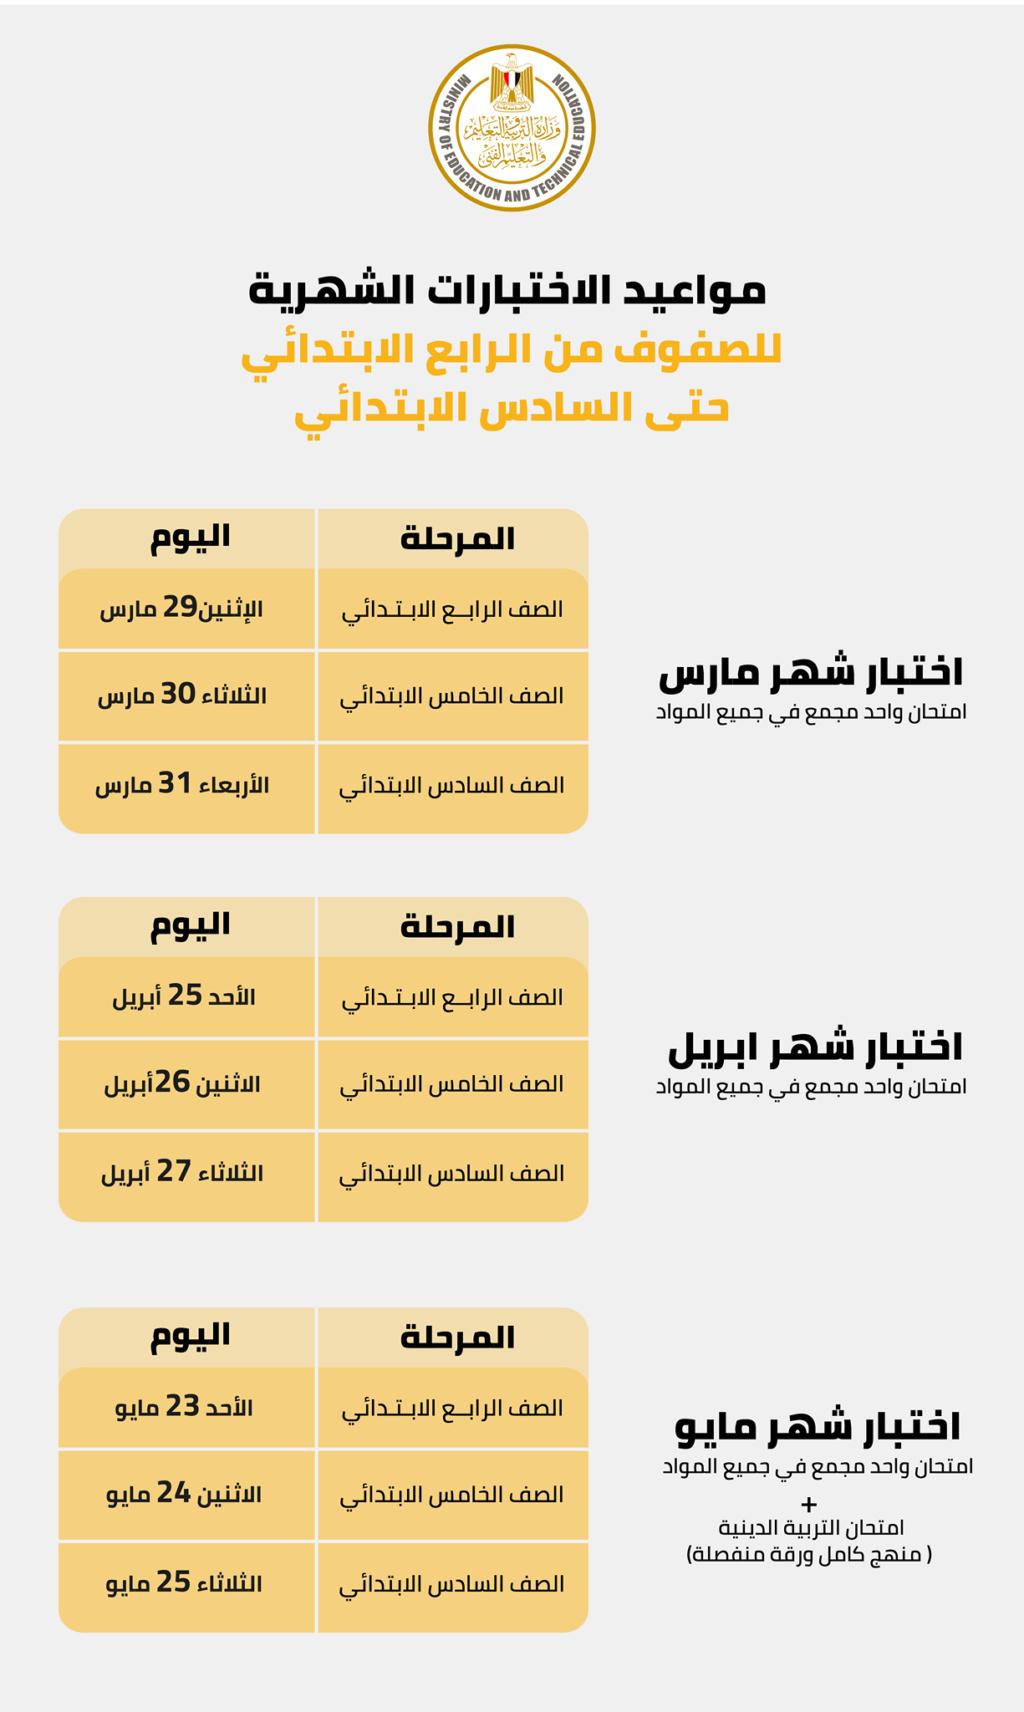 التعليم امتحان التربية الدينية في نهاية الفصل الدراسي الثاني بالتزامن مع امتحان شهر مايو 2021 بالإضافة للتربية الفنية و الحاسب الألى لصفوف نقل إعدادى 15833611